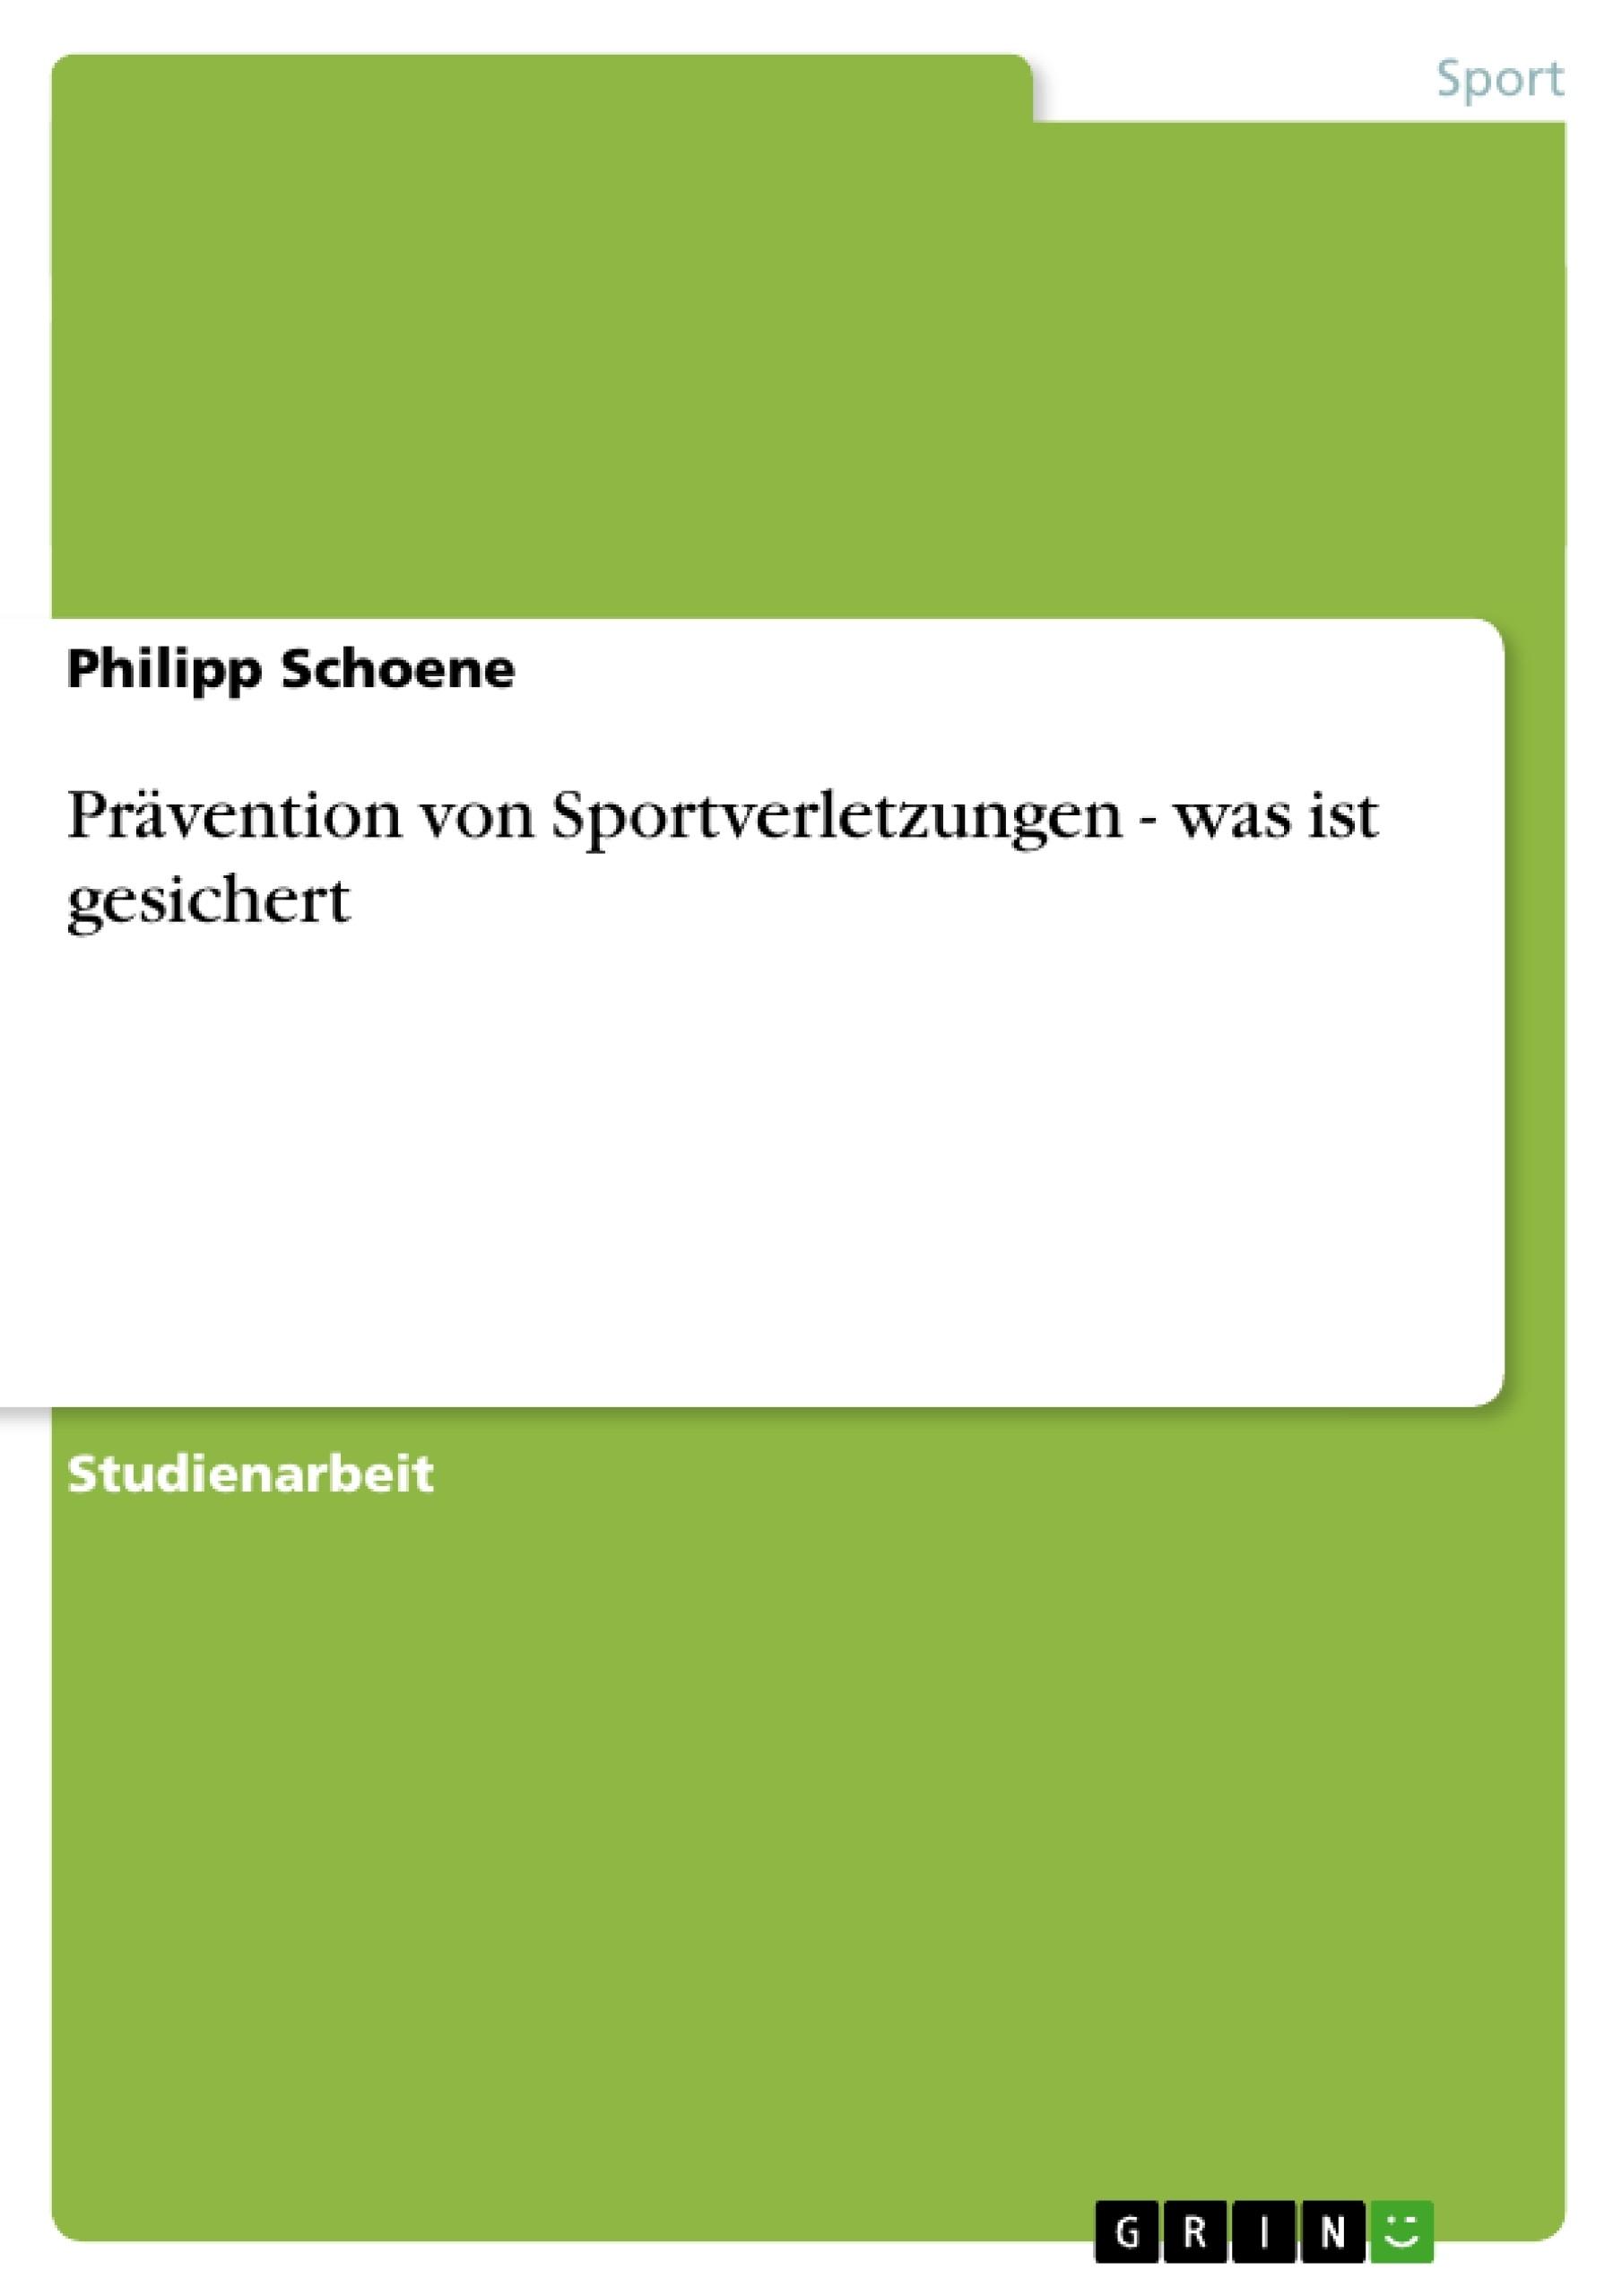 Titel: Prävention von Sportverletzungen - was ist gesichert